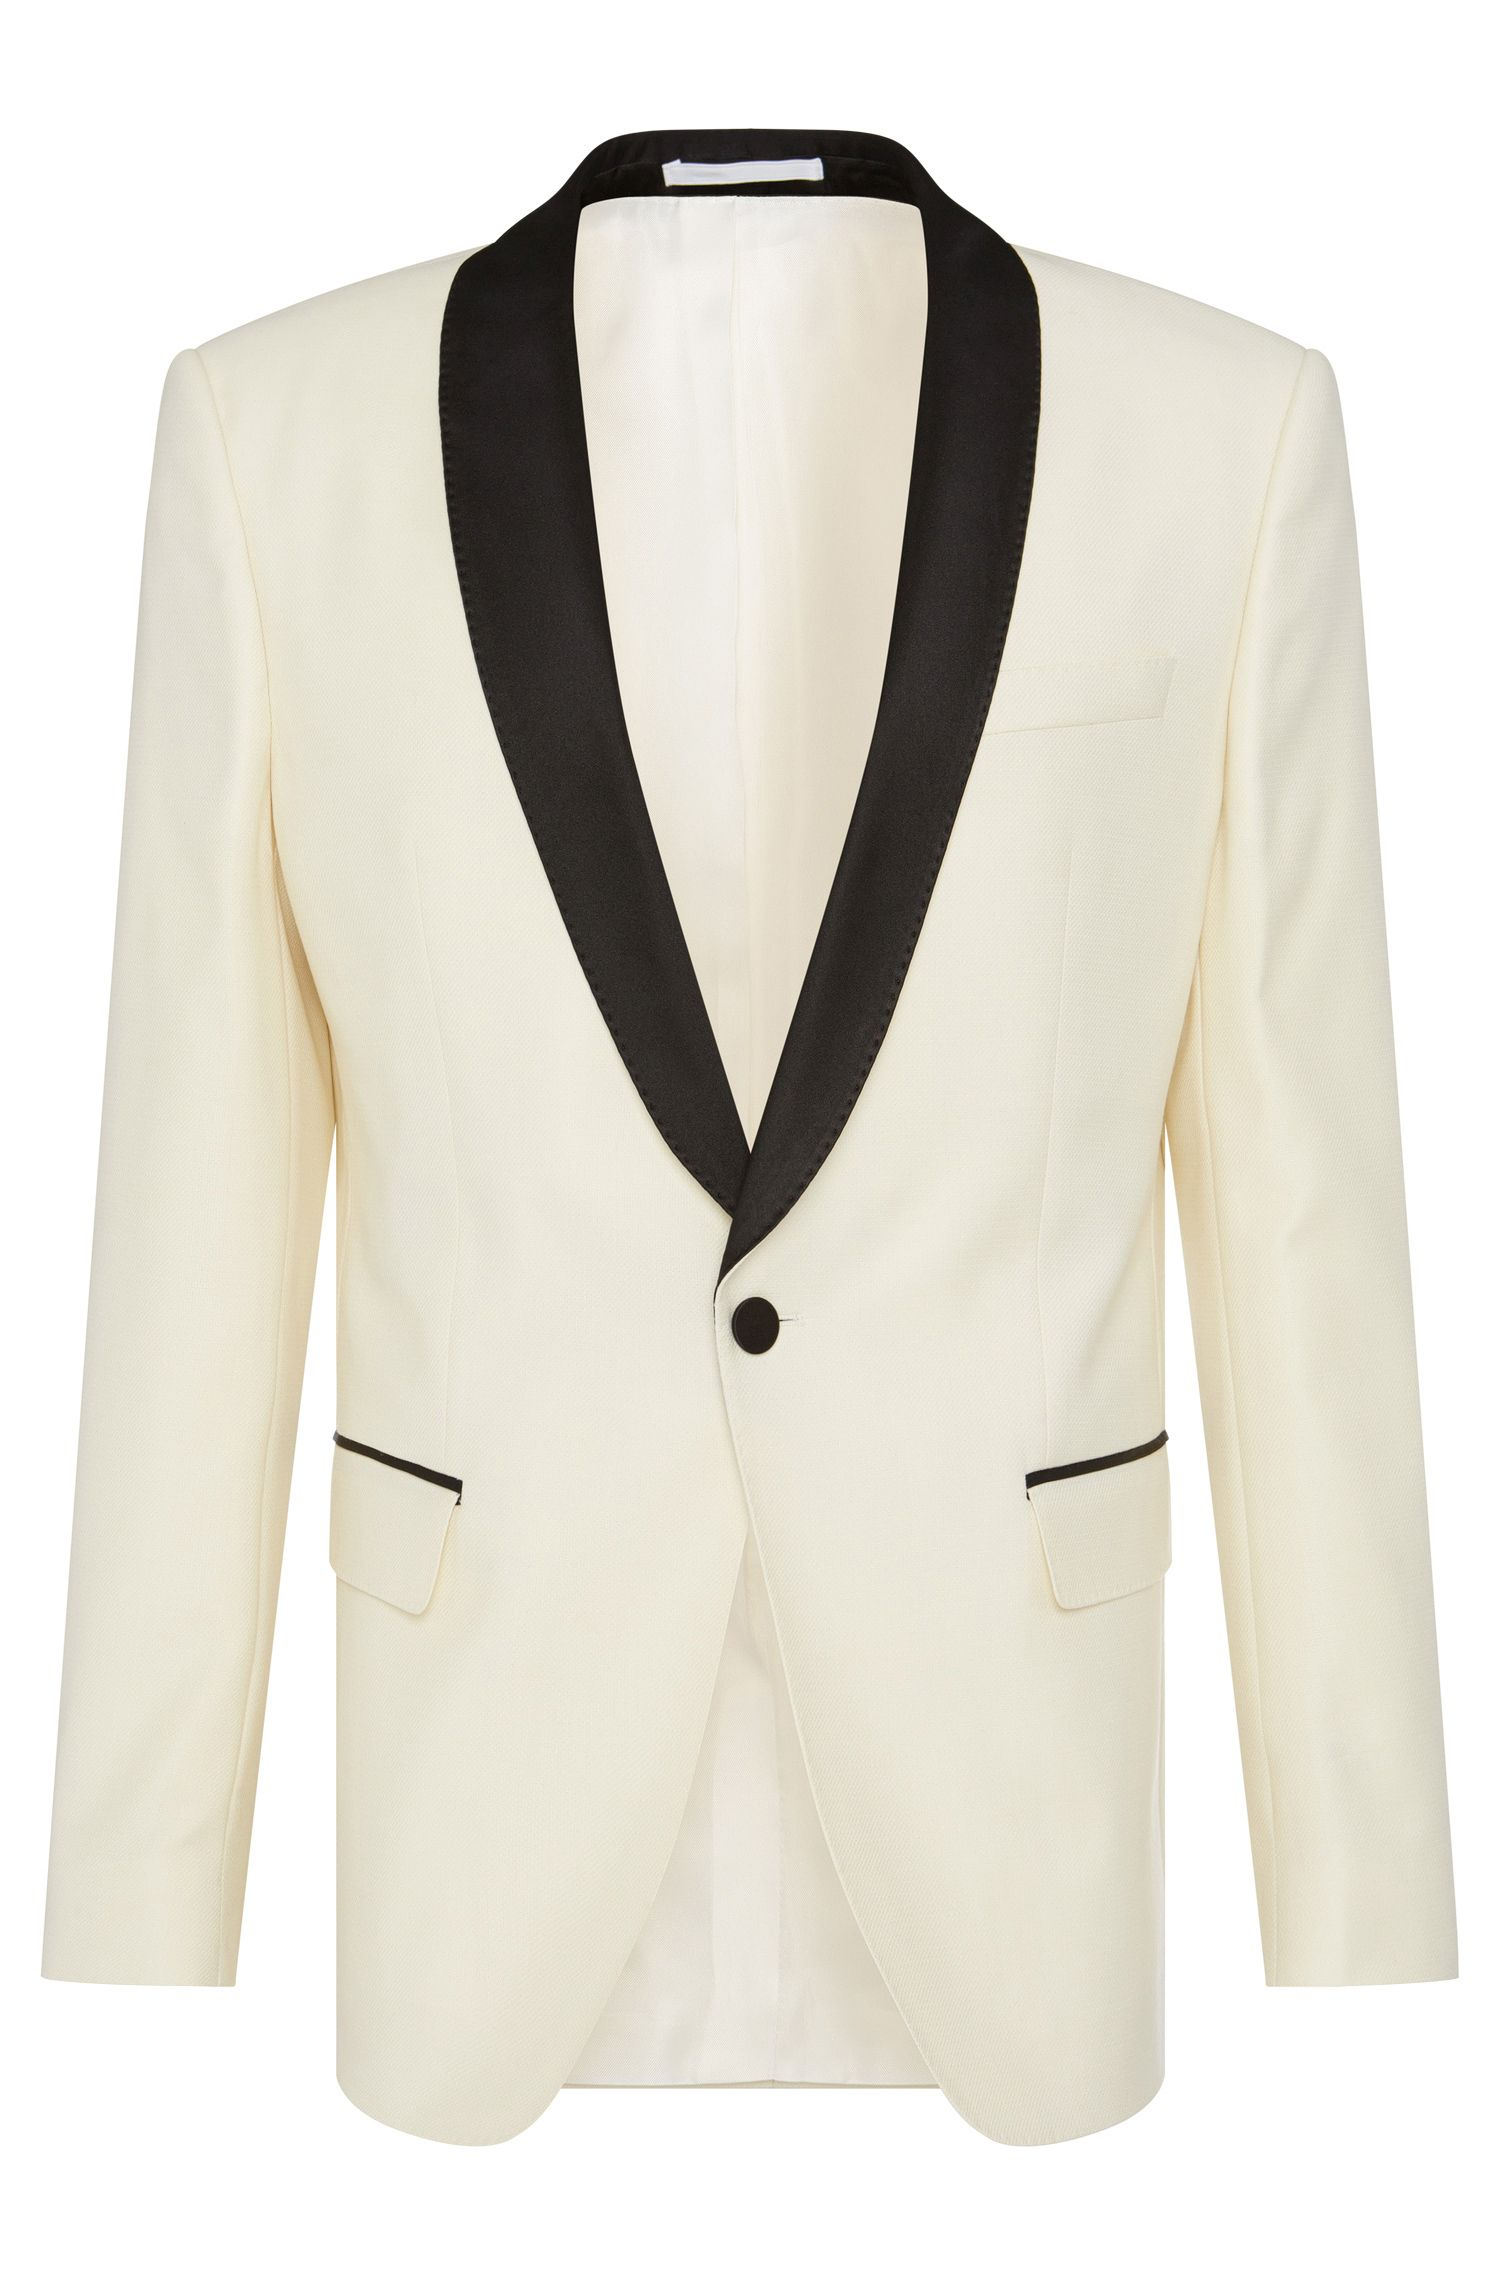 Italian Virgin Wool Textured Dinner Jacket, Slim Fit | Hockley